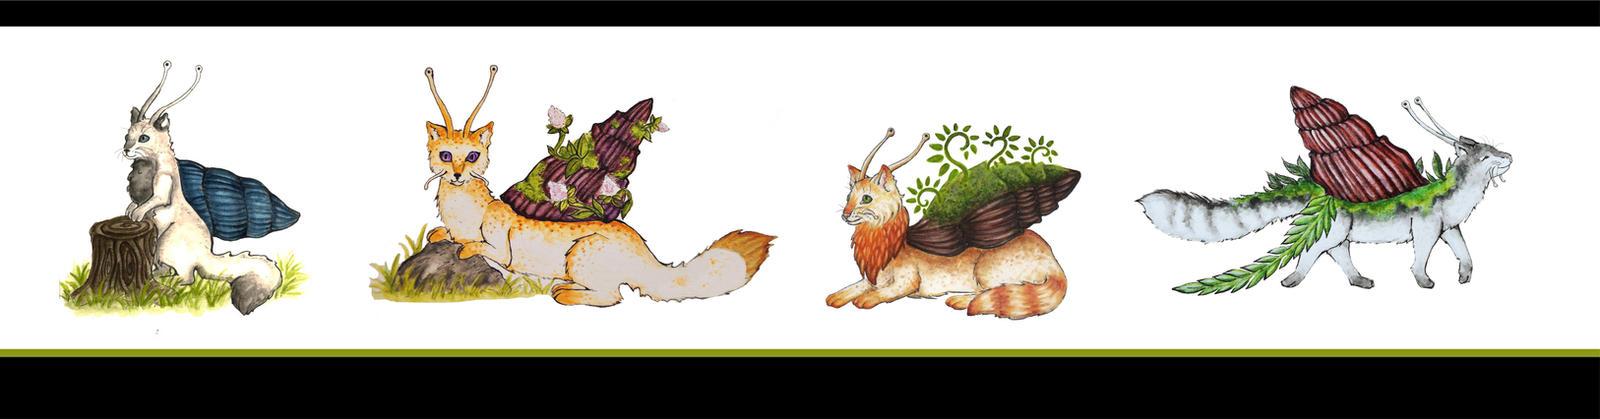 Katzschnecken Parade Catsnail parade by Mohn-Fuchs